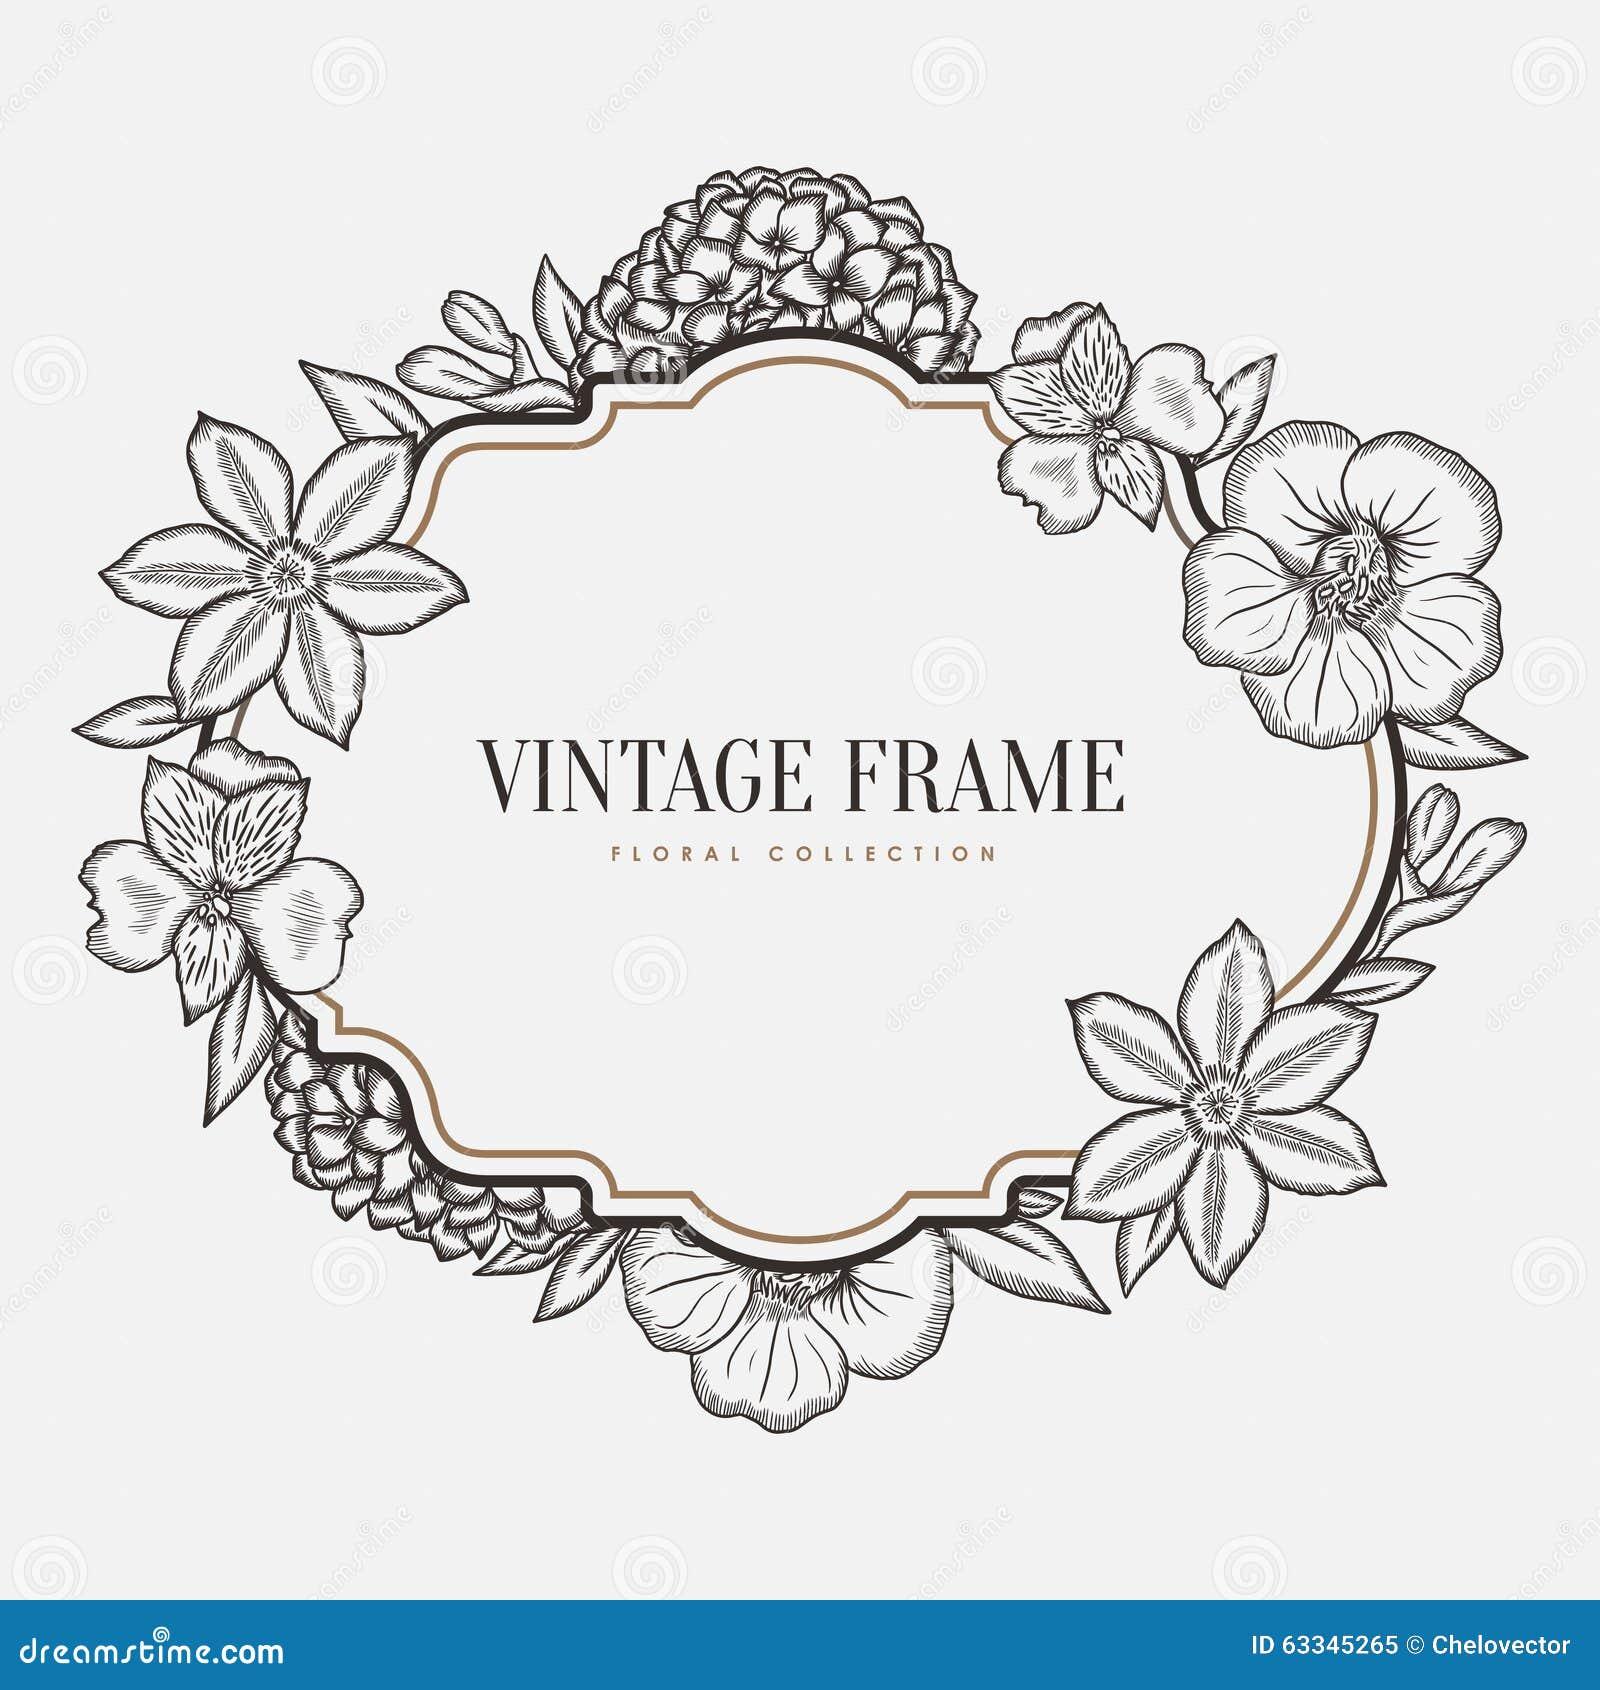 Retro Style Graphic Design